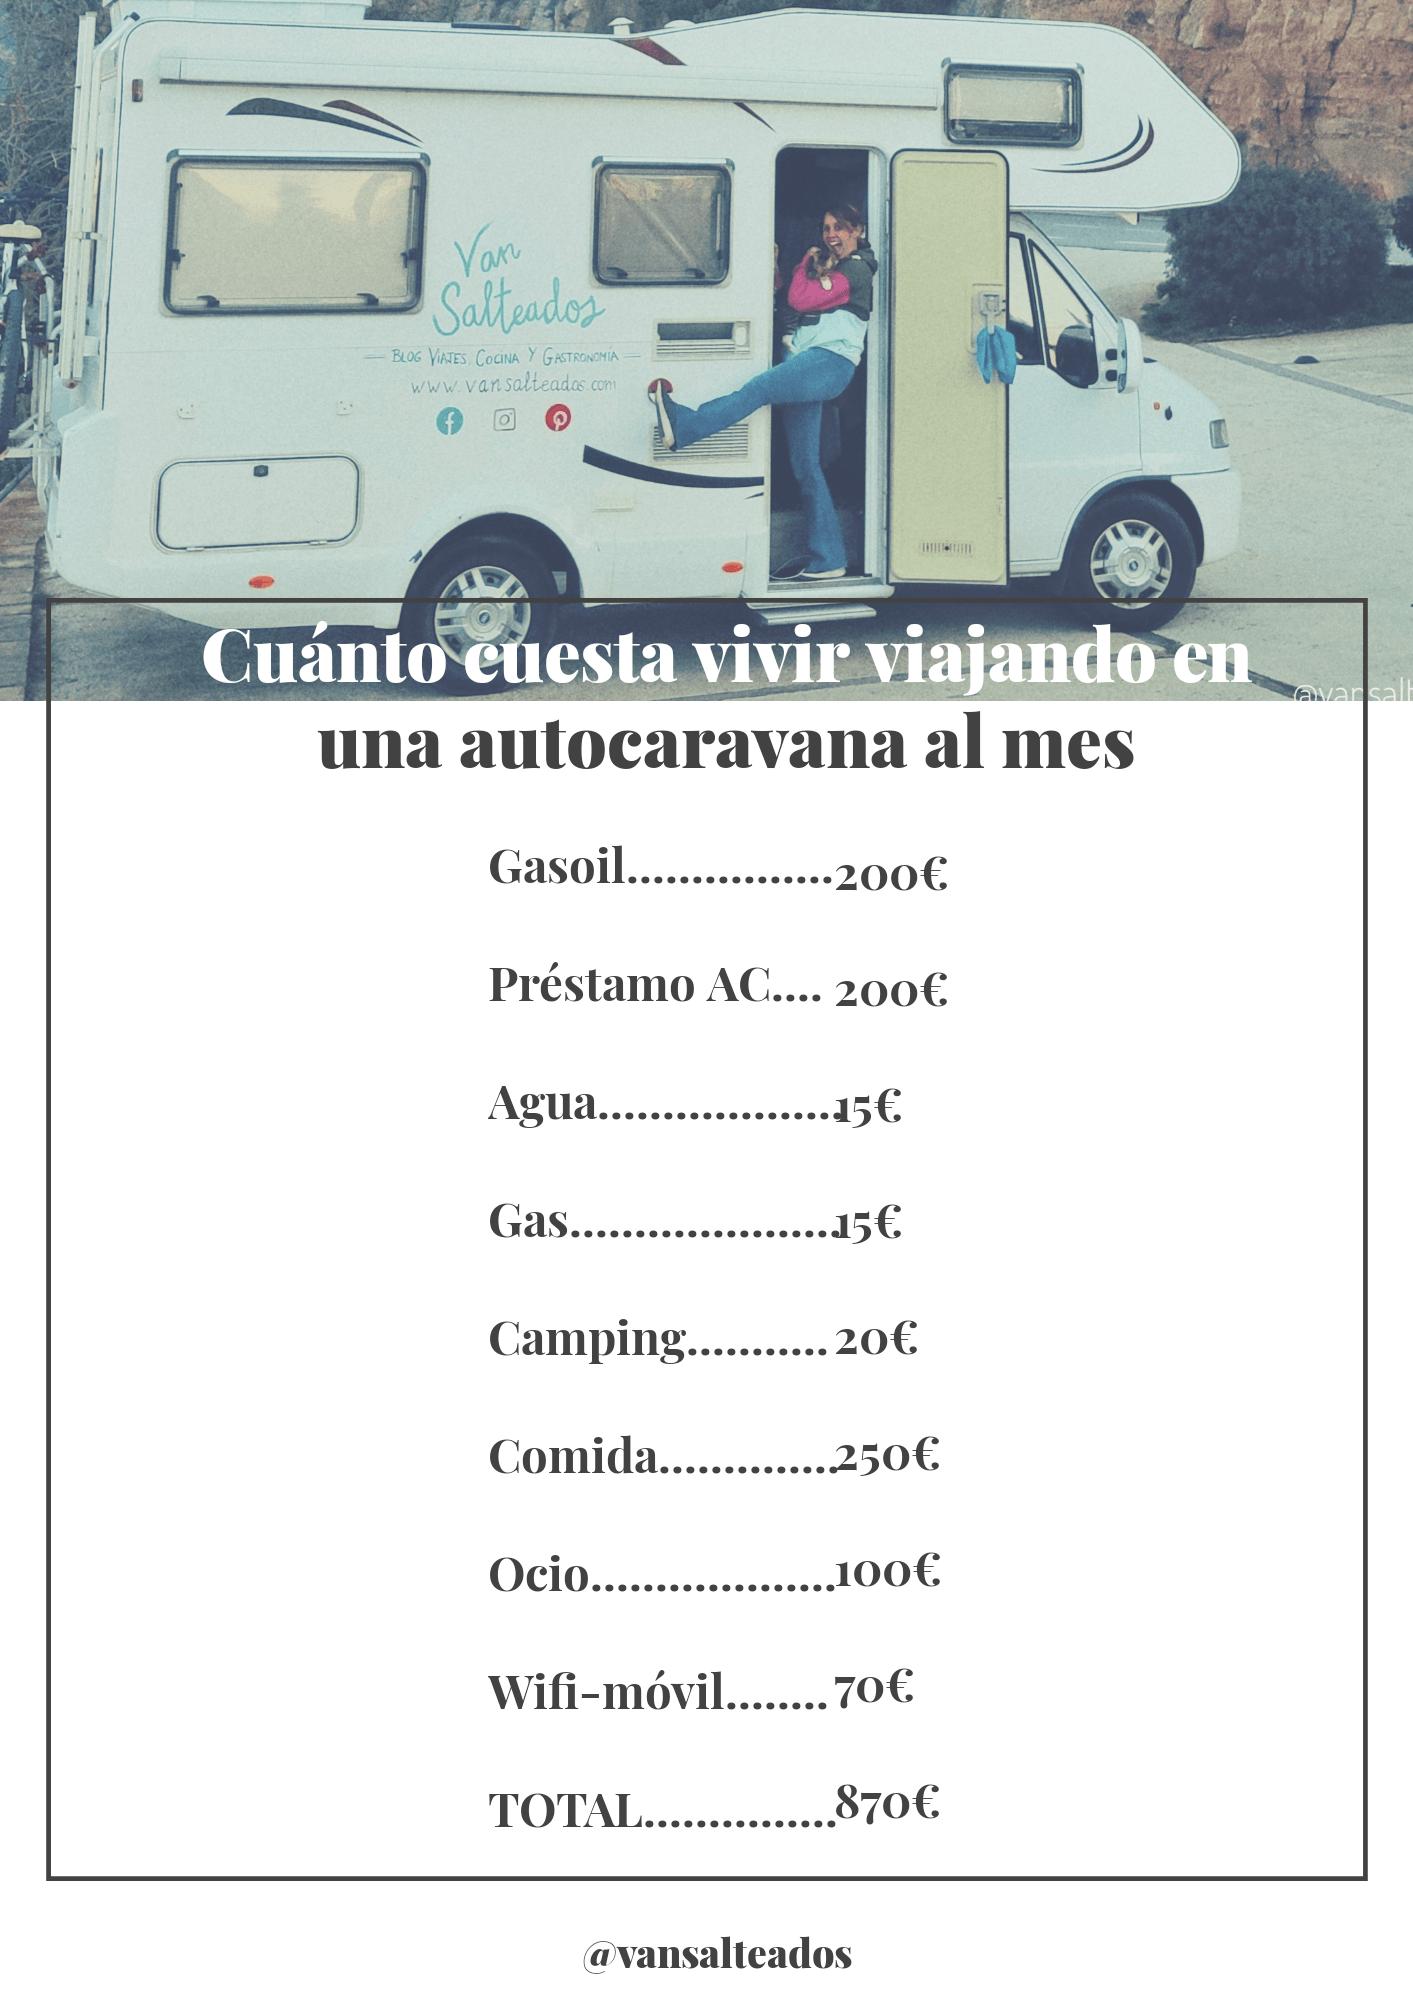 Cuánto cuesta vivir viajando una autocaravana al mes